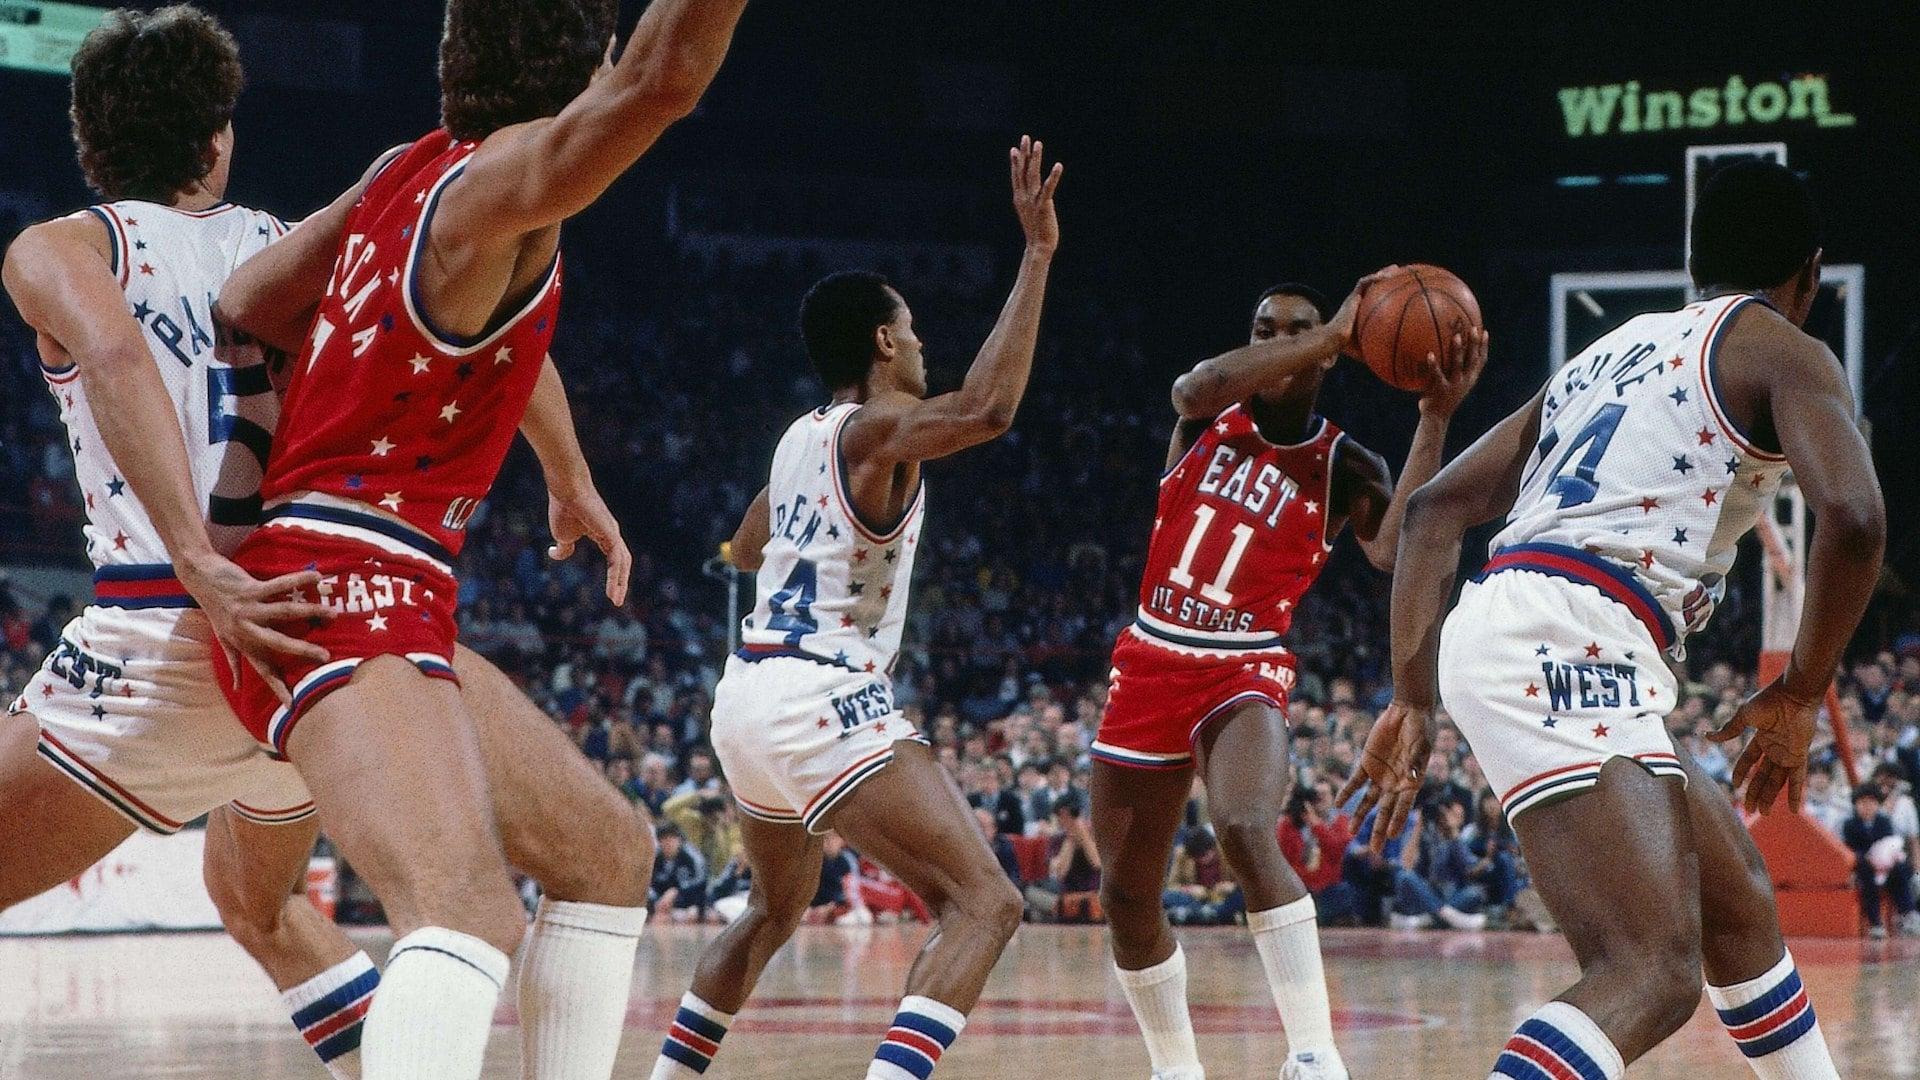 1984 NBA All-Star recap